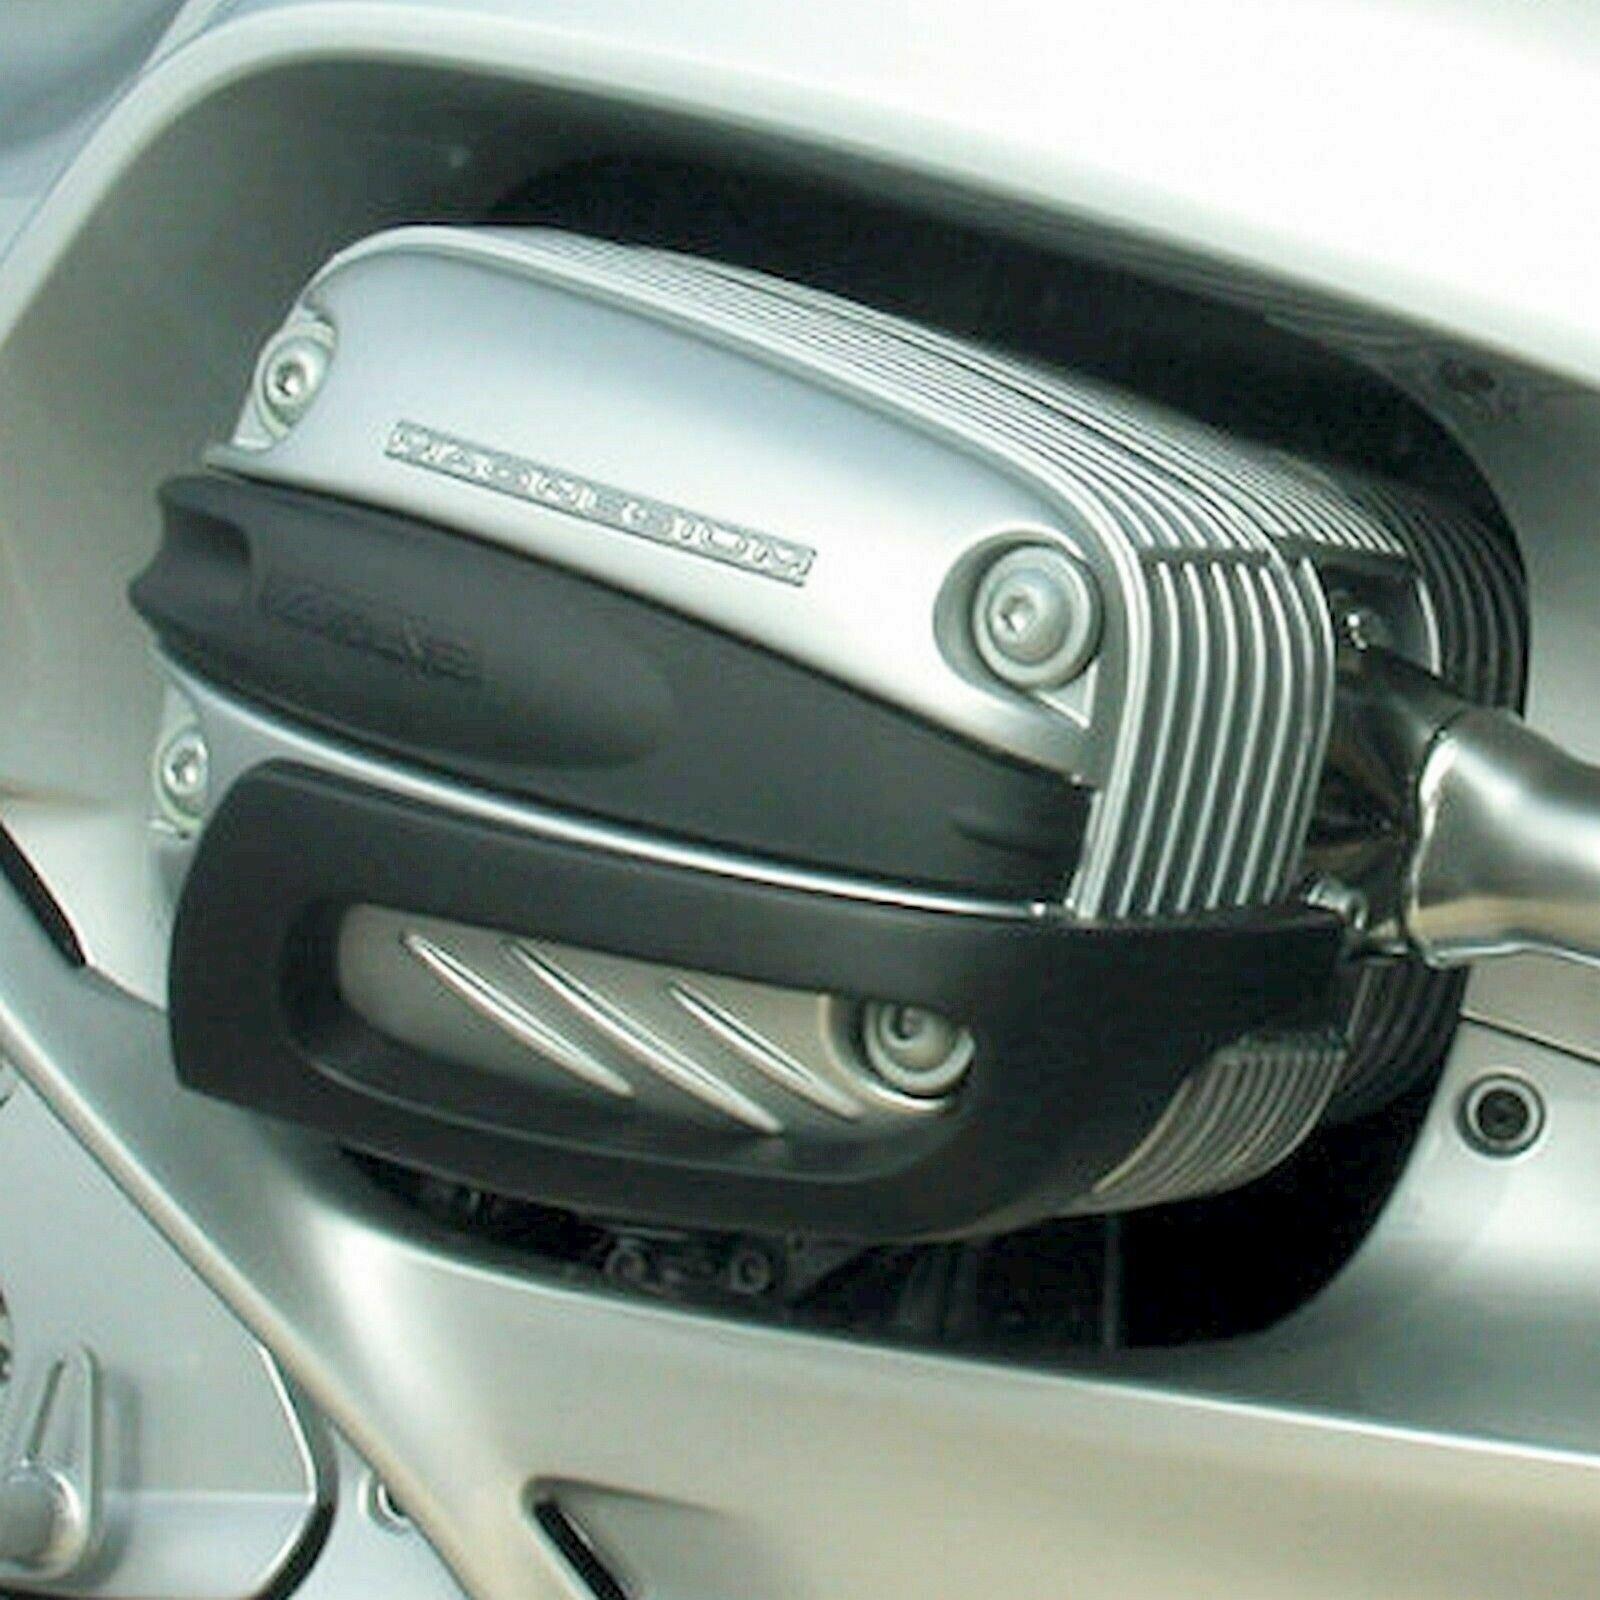 BMW Ventildeckel Zylinderschutz 2x R1100R R1100GS R1100RT R1100S RS 1994 2005